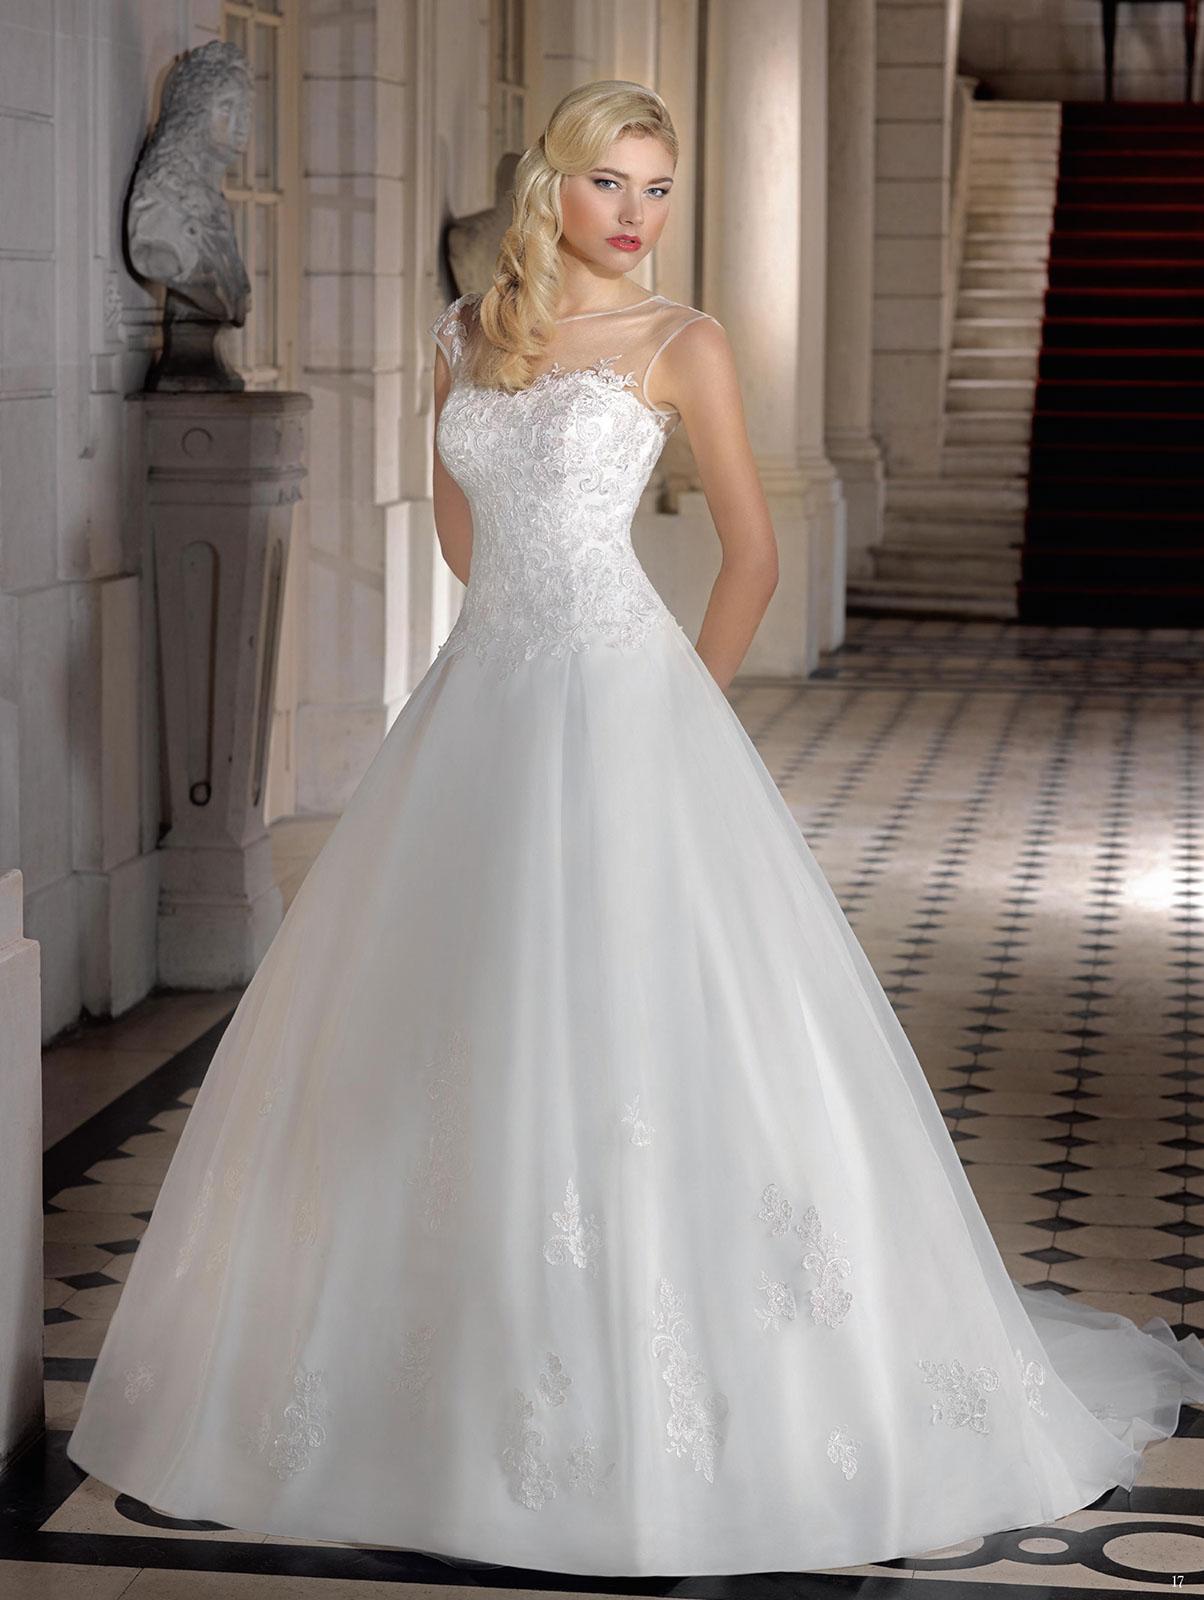 Menyasszonyi ruha modelljeink Párizsból - Menyasszonyi ruha 045bad02c7